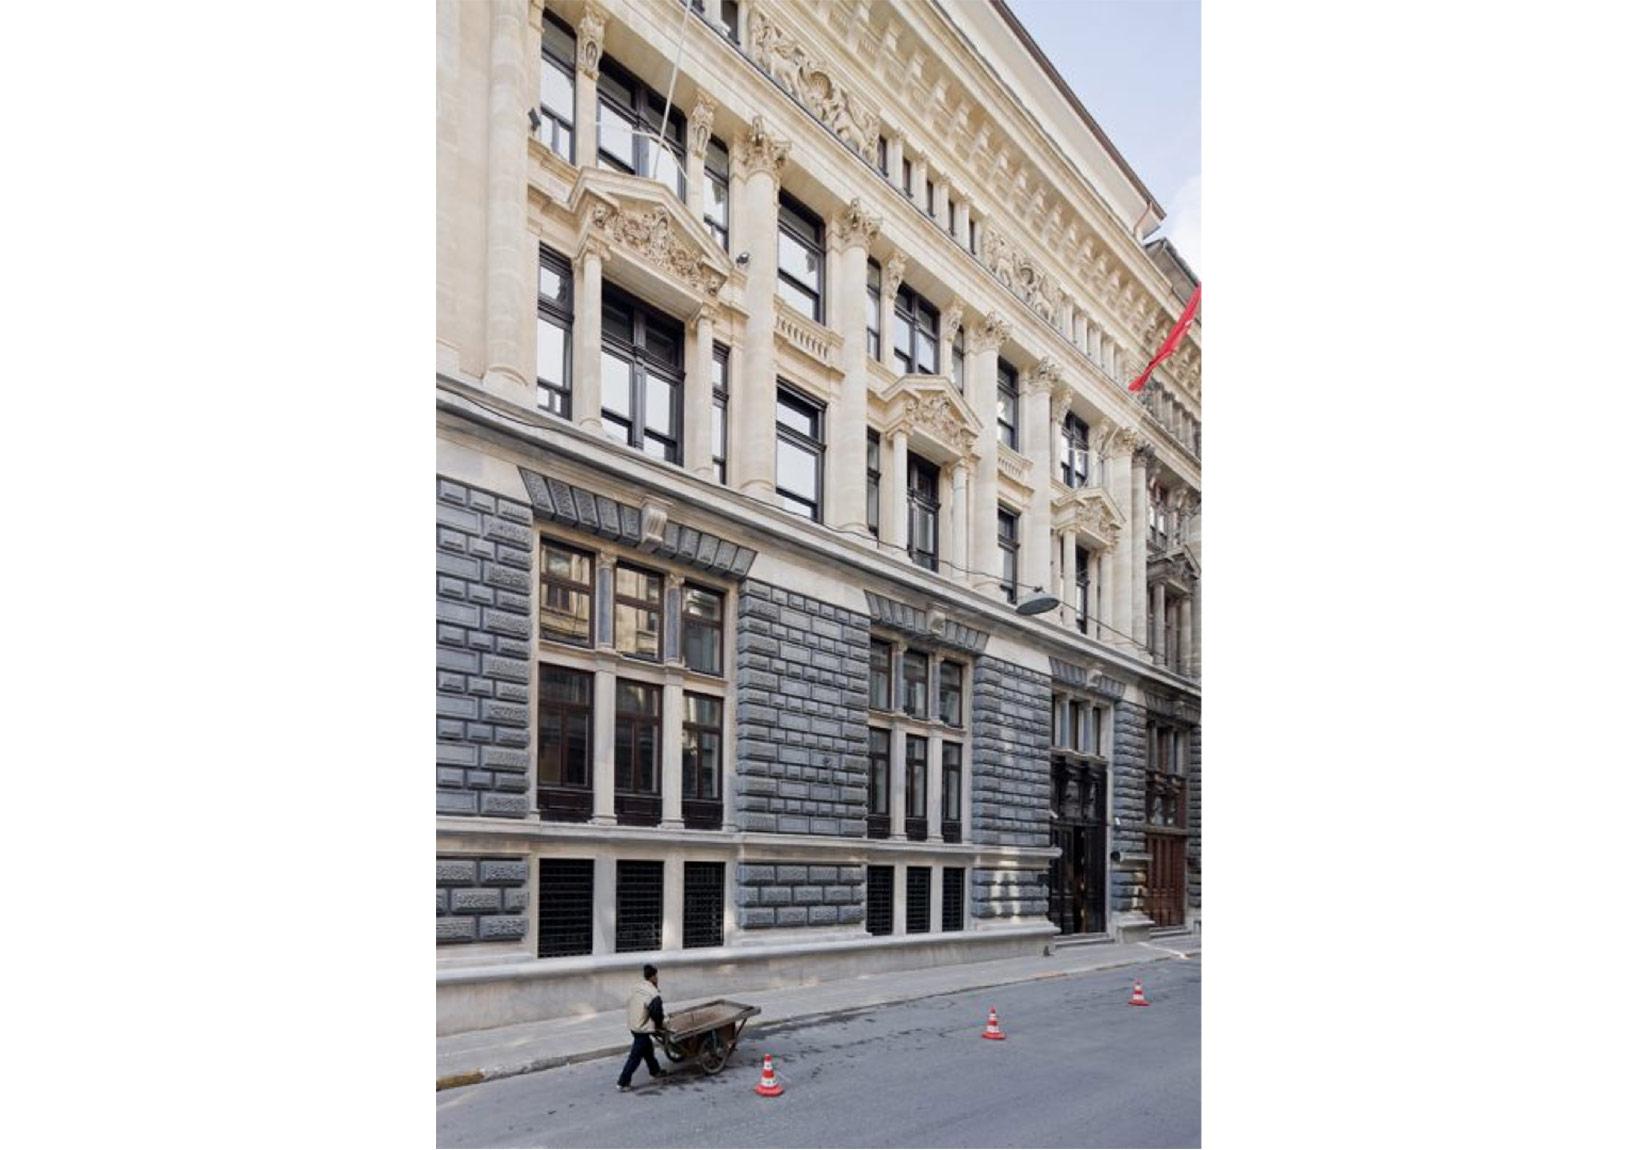 14. İstanbul Bienali İçin Hazırlıklar Devam Ediyor